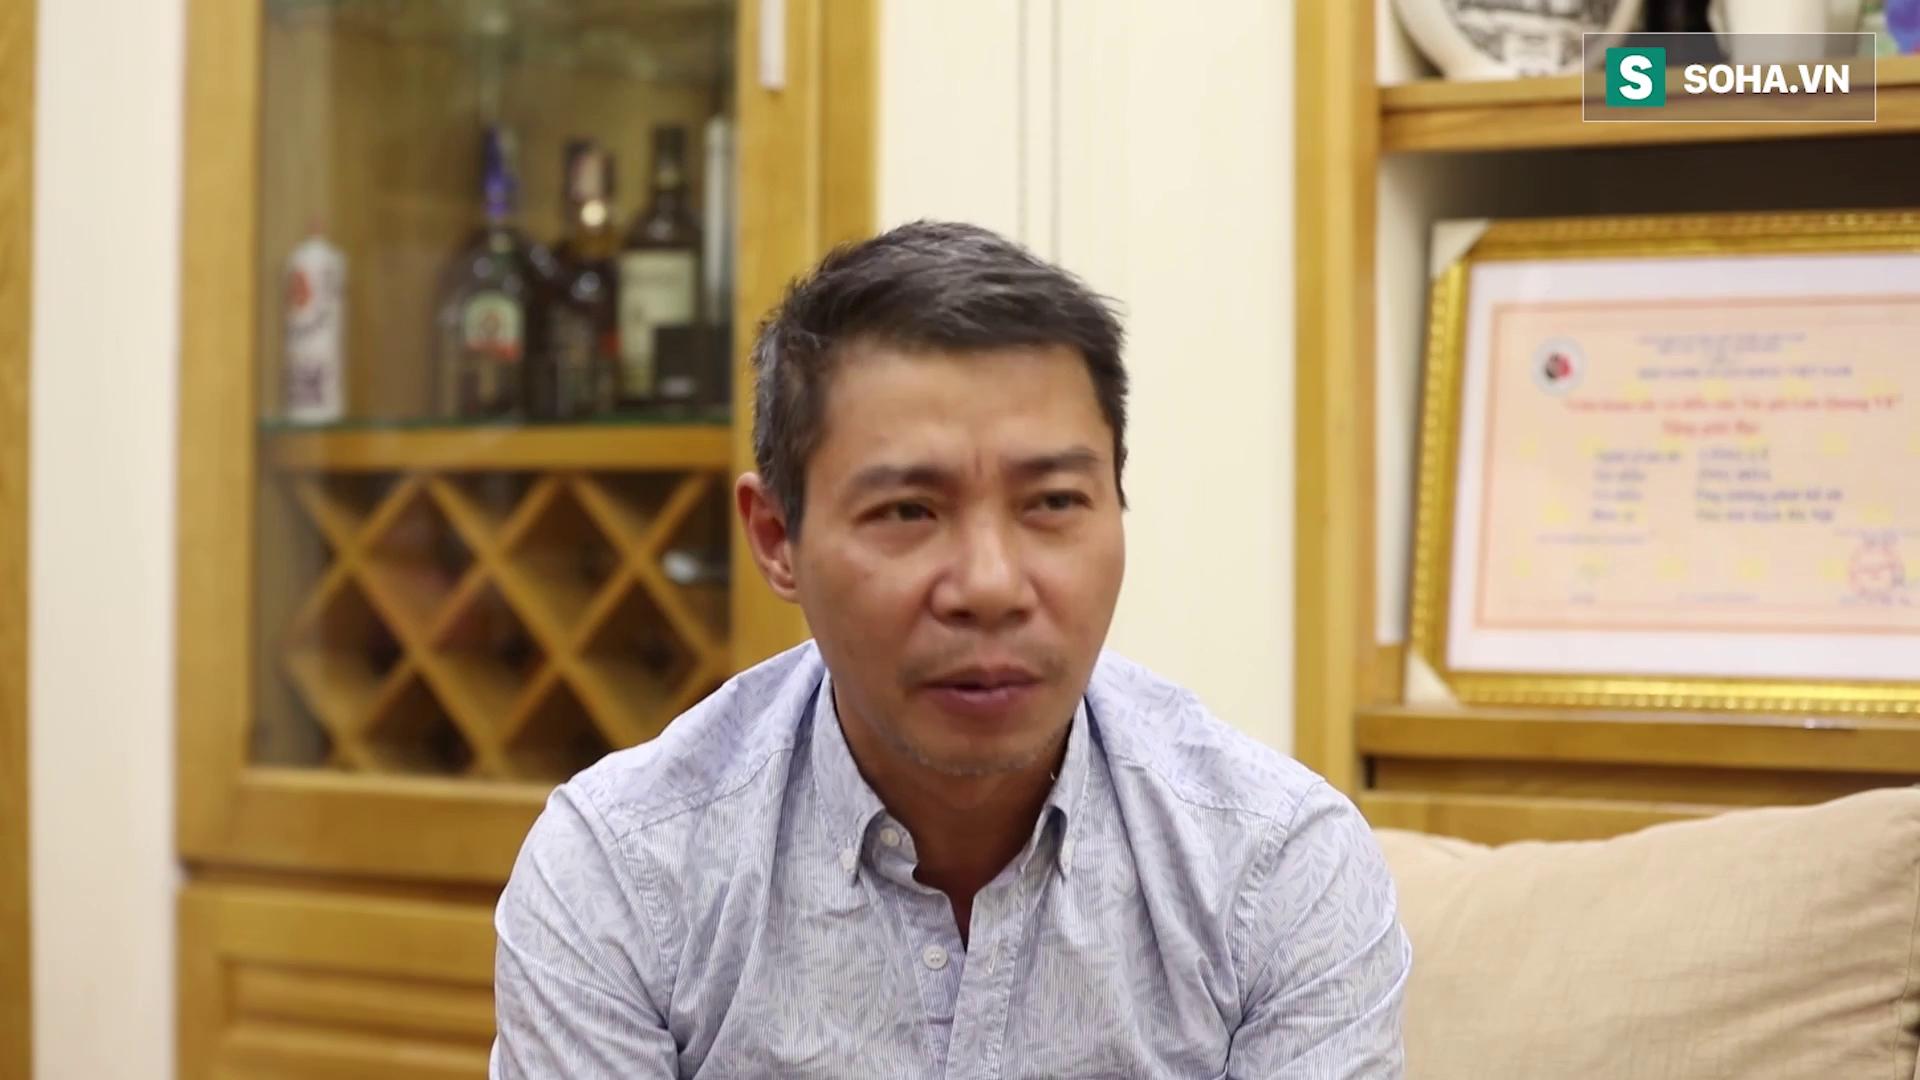 NSƯT Công Lý tâm sự về vị đạo diễn chương trình Táo Quân - Đỗ Thanh Hải